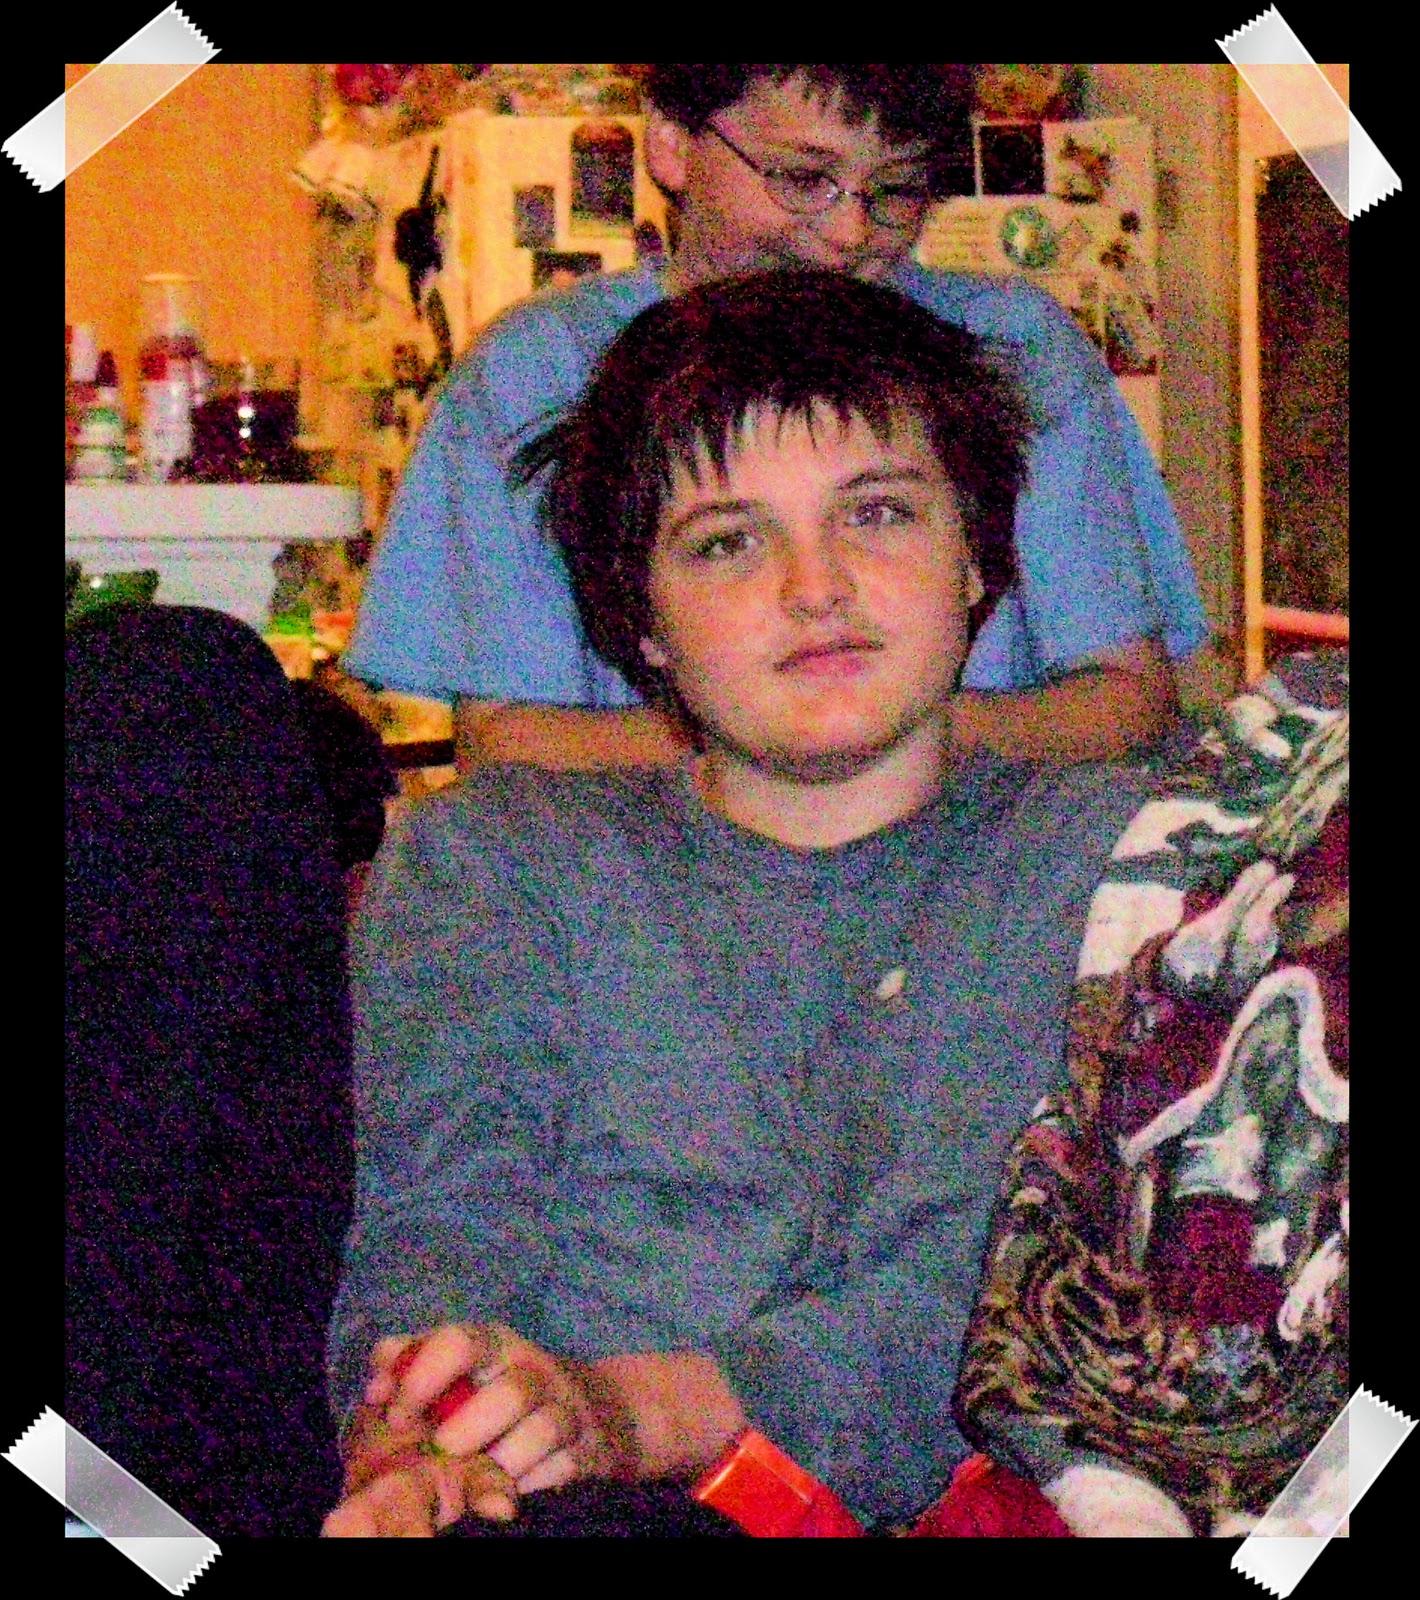 http://3.bp.blogspot.com/_eBC3kASFhco/TRfgE0B_qQI/AAAAAAAAAbA/gRflfdDEAGE/s1600/The+Boys+Christmas+2010.jpg